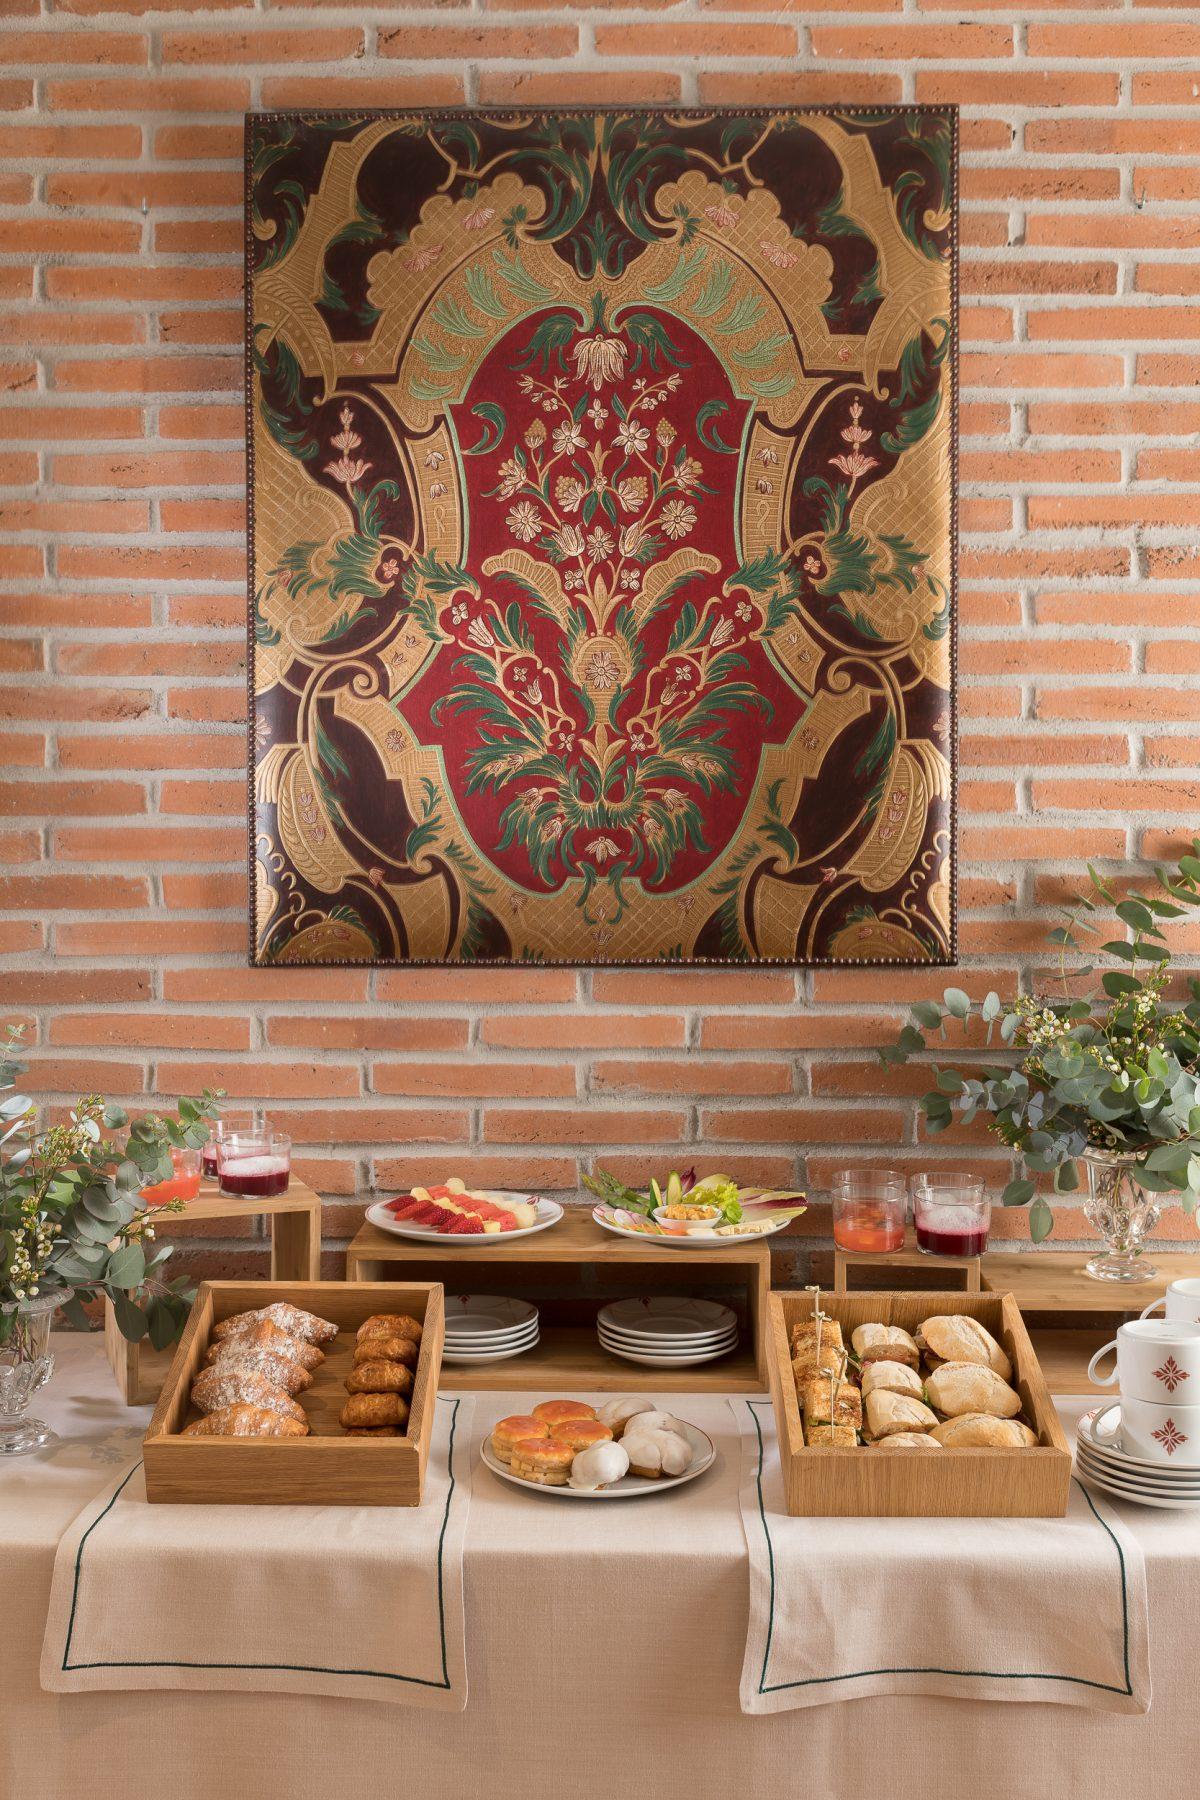 El chef José Carlos García ha diseñado varios menús para grupos con platos muy nuestros, que se pueden disfrutar tanto en el patio de Balausta como en las salas privadas de Palacio Solecio.